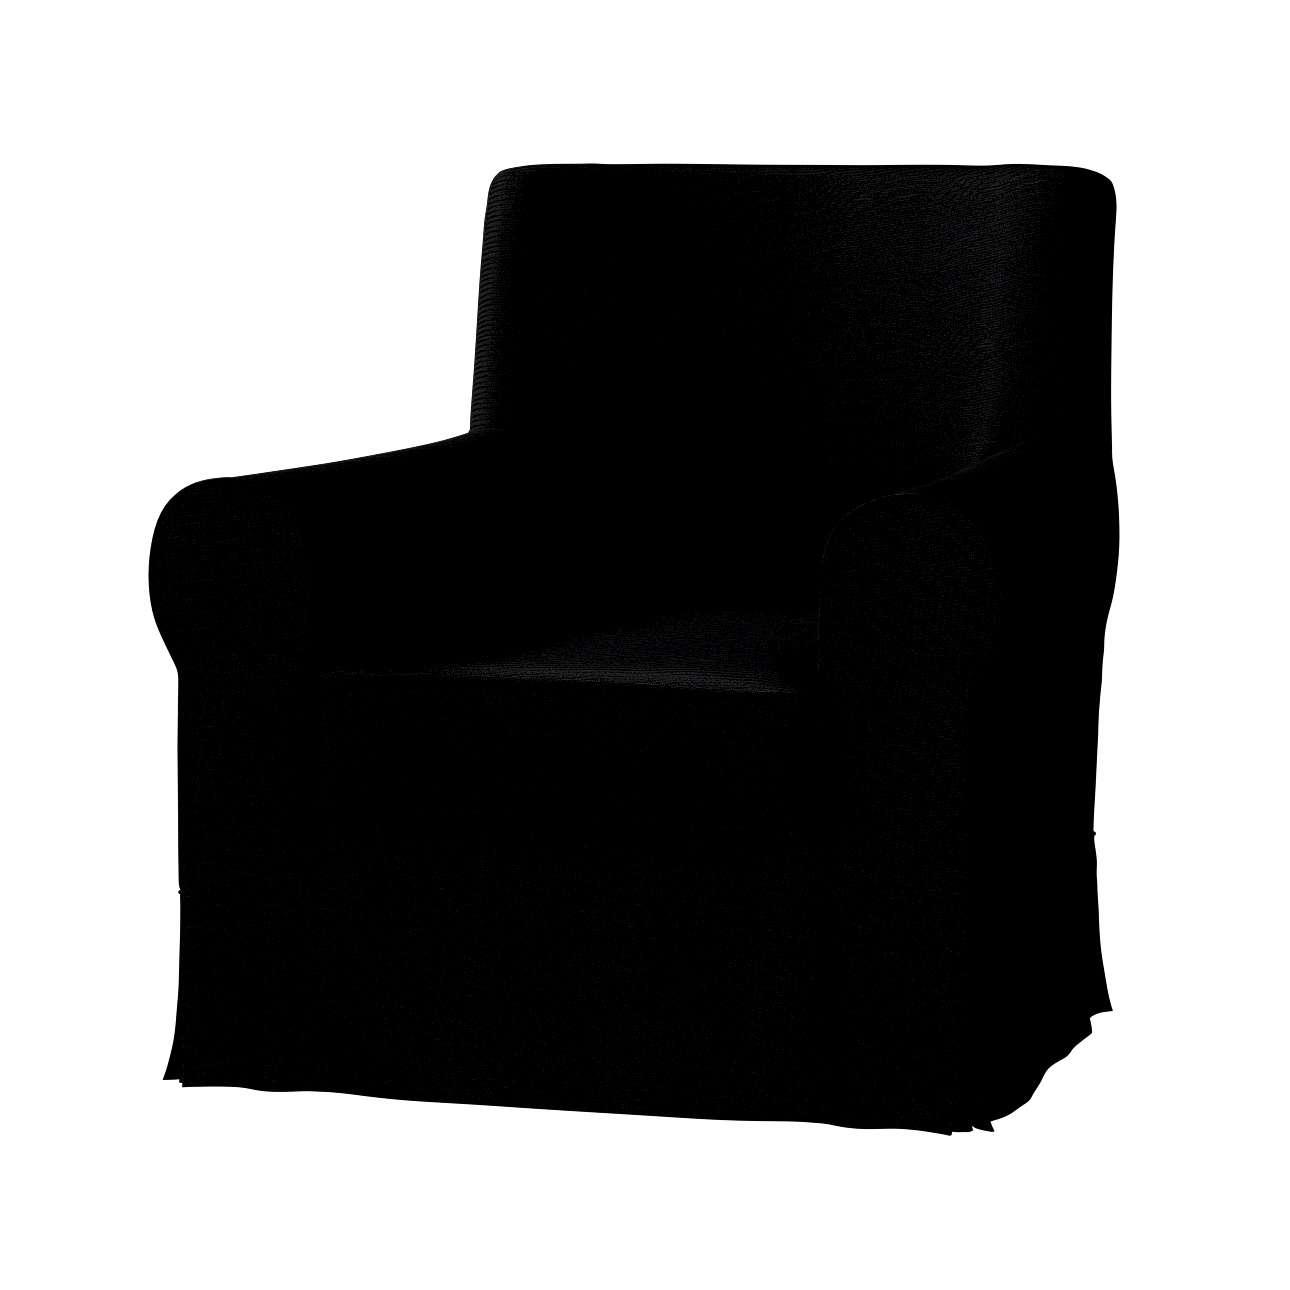 Pokrowiec na fotel Ektorp Jennylund Fotel Ektorp Jennylund w kolekcji Etna , tkanina: 705-00